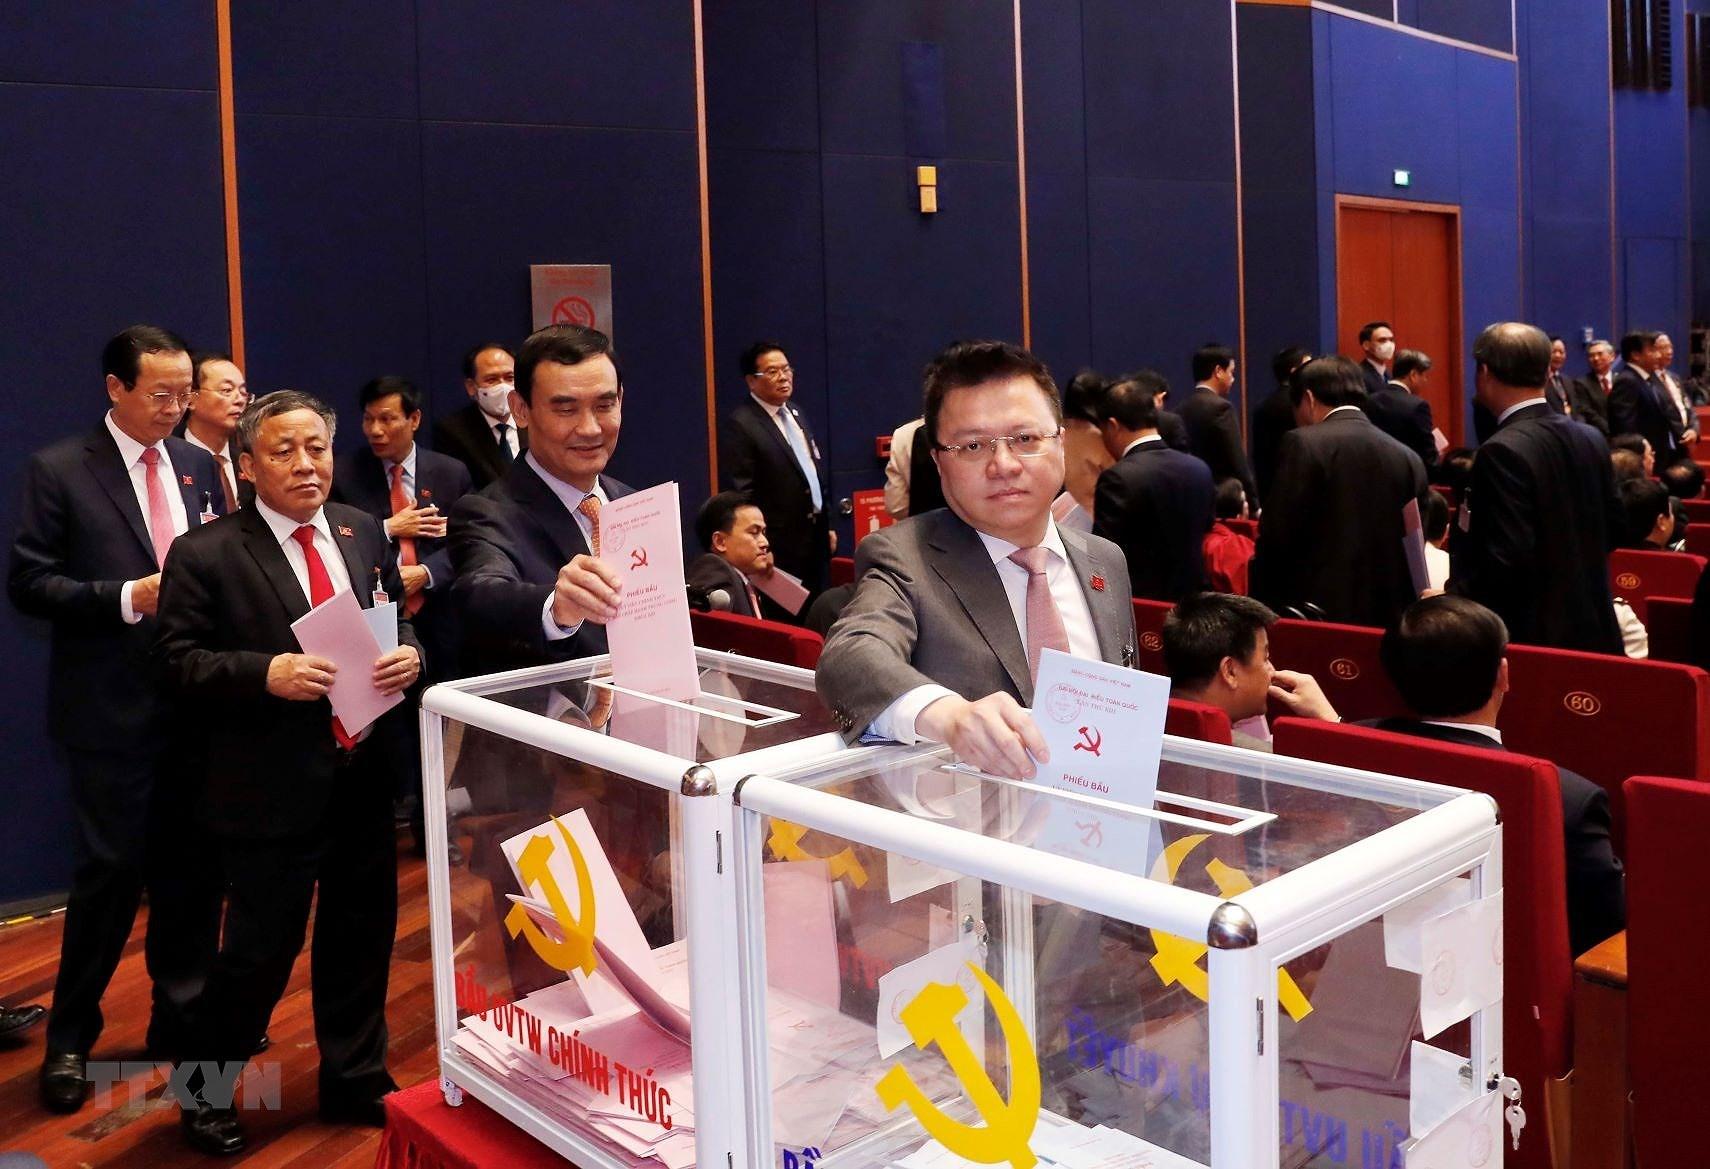 Chùm ảnh: Bỏ phiếu bầu Ban Chấp hành Trung ương khóa XIII ảnh 4